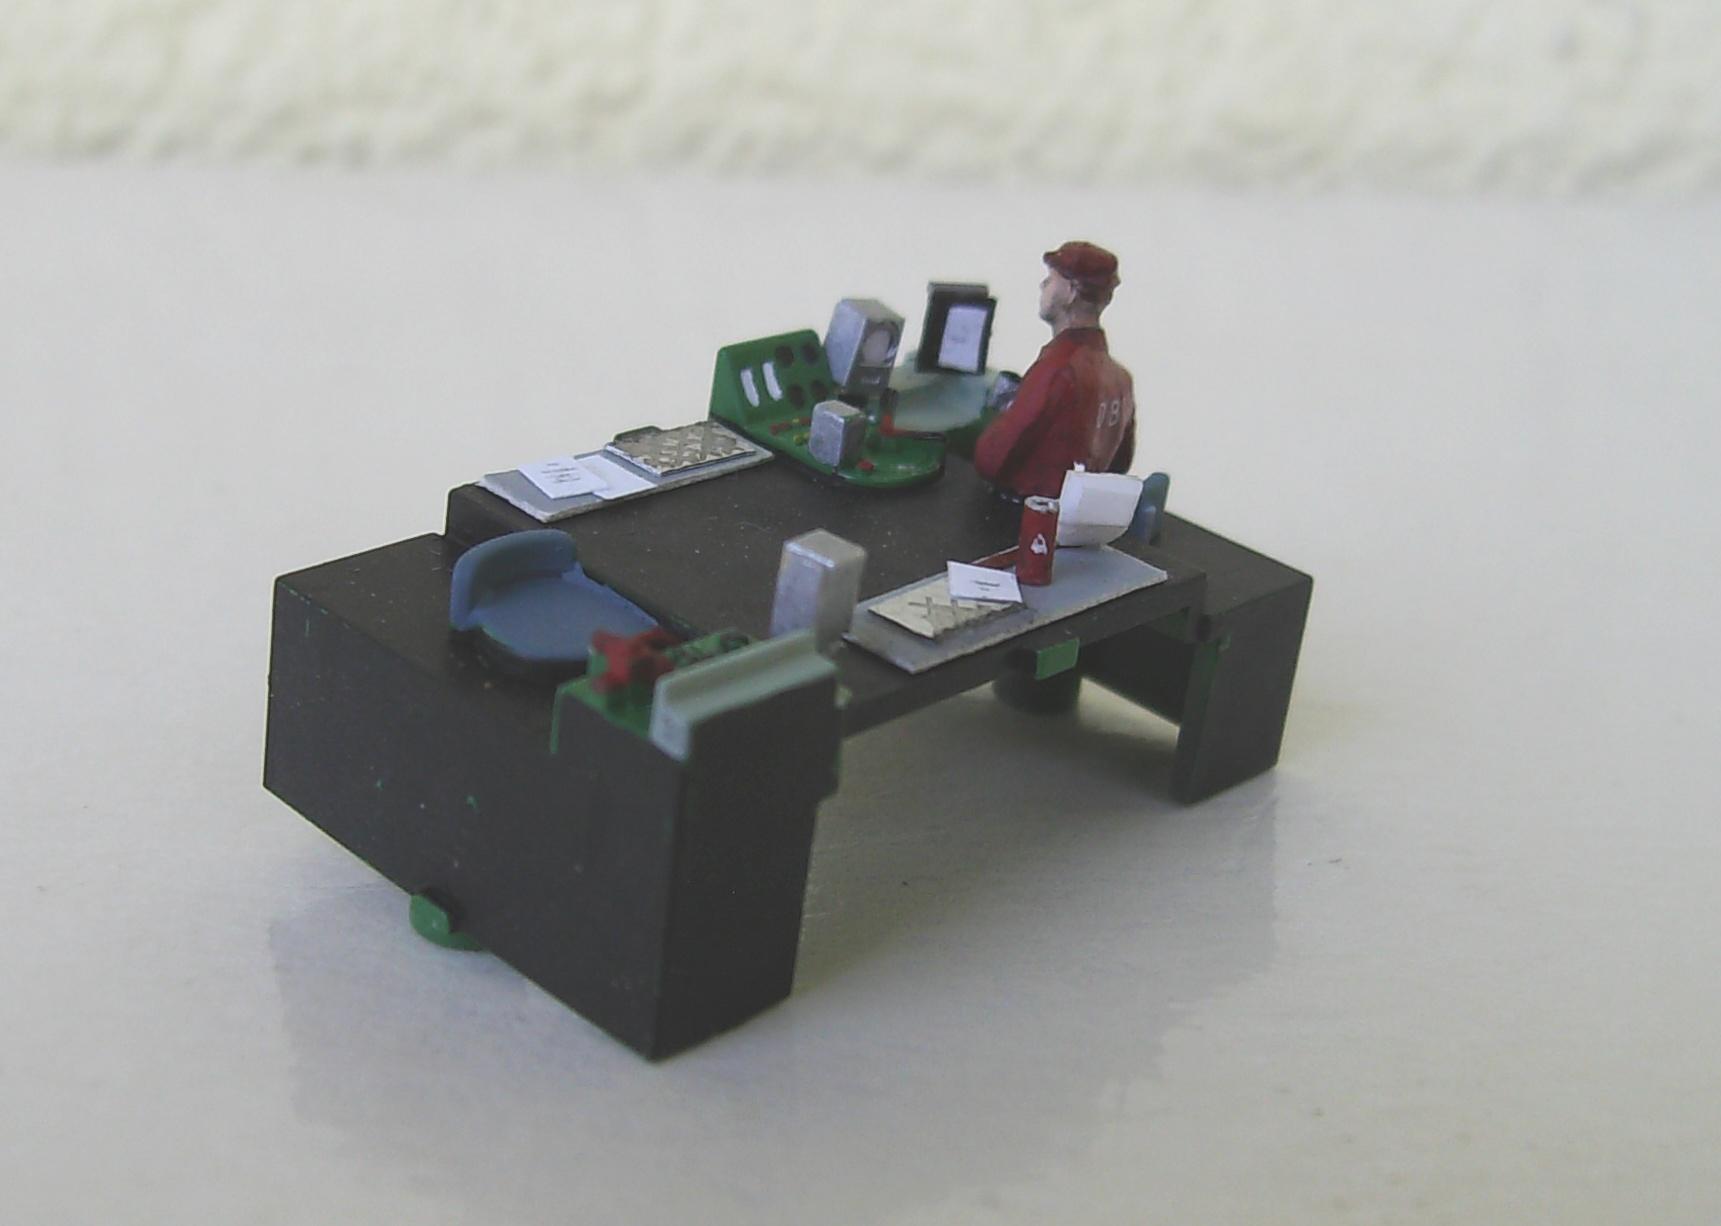 HPIM9516.JPG